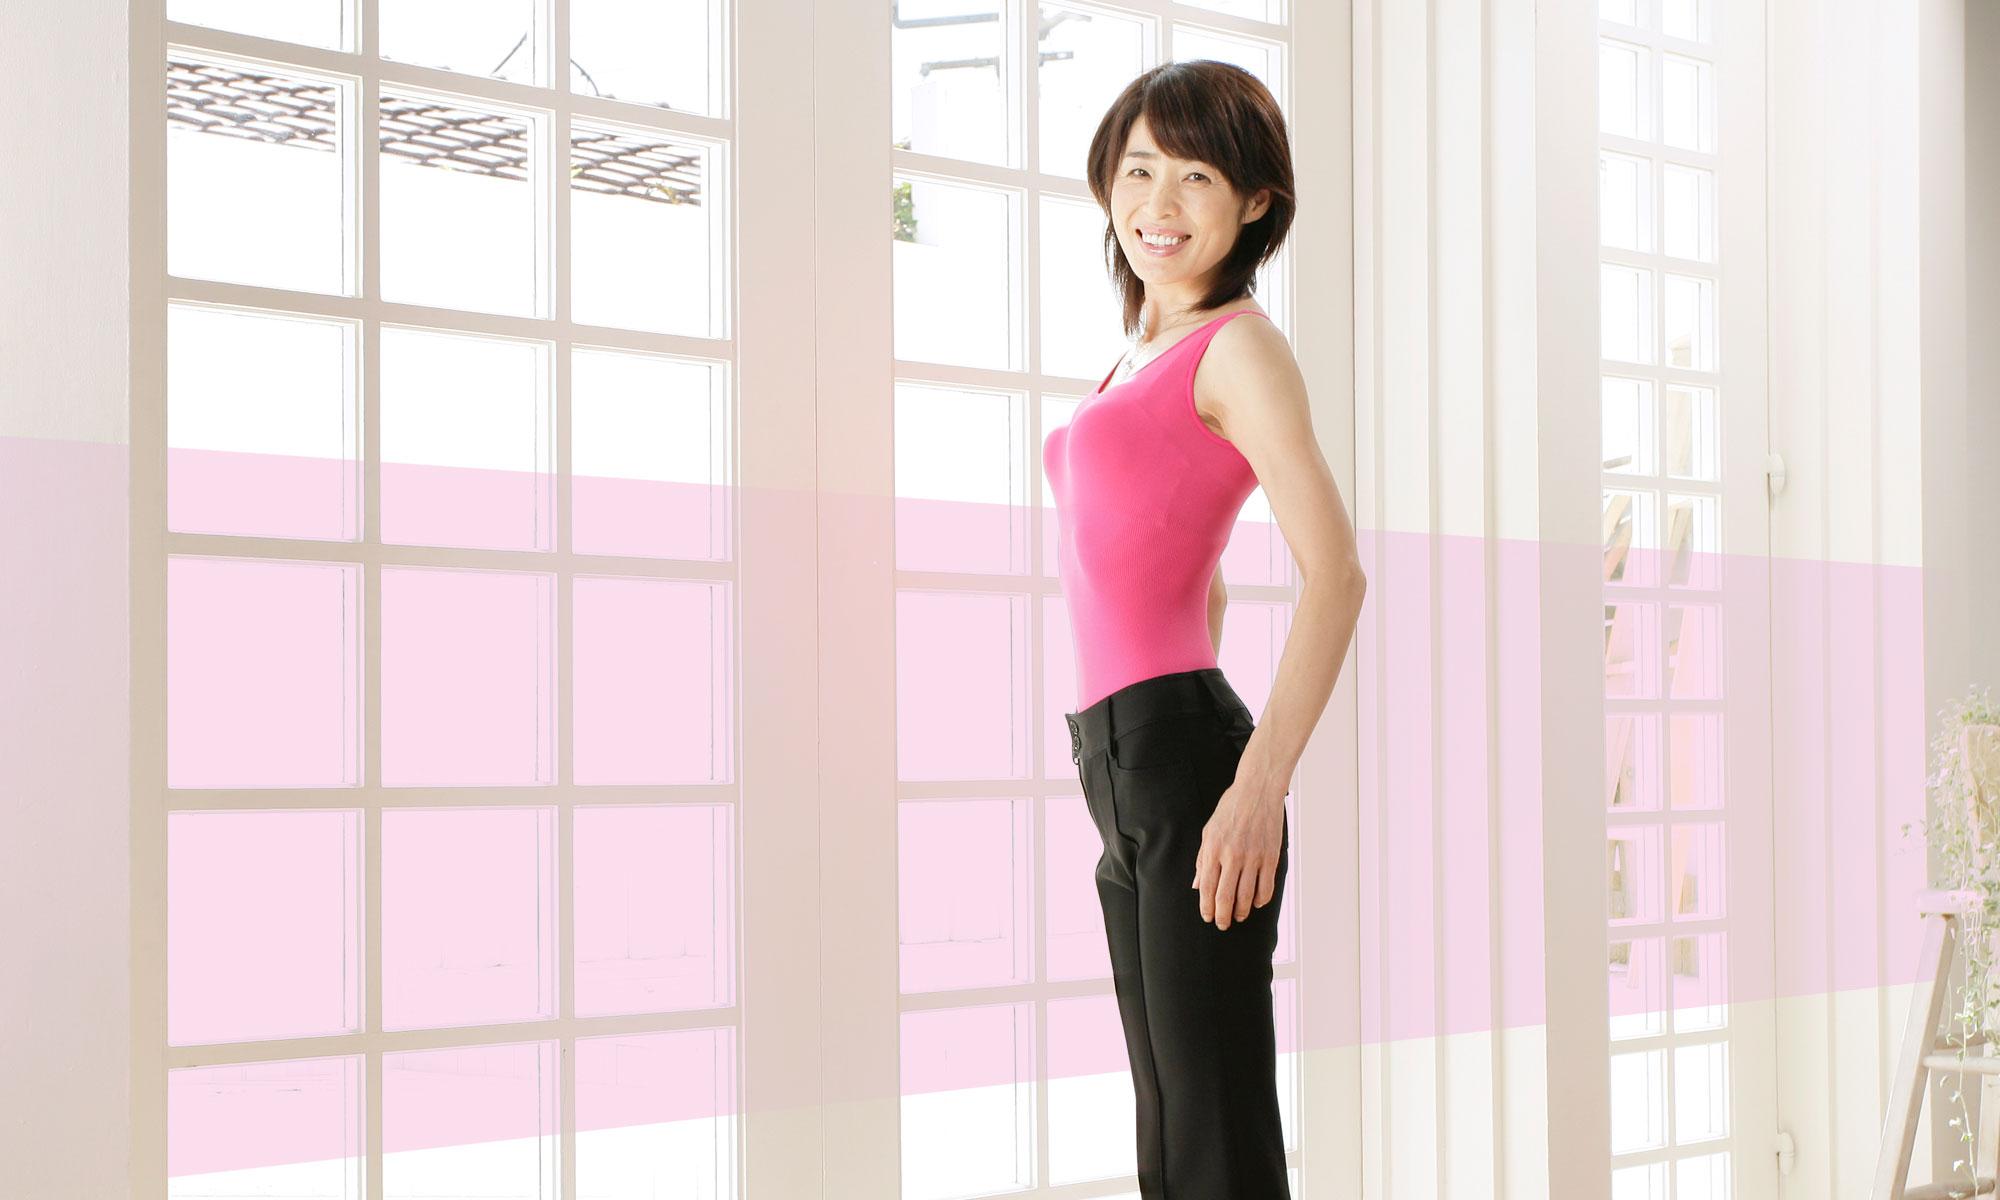 SHINO美腰®Making